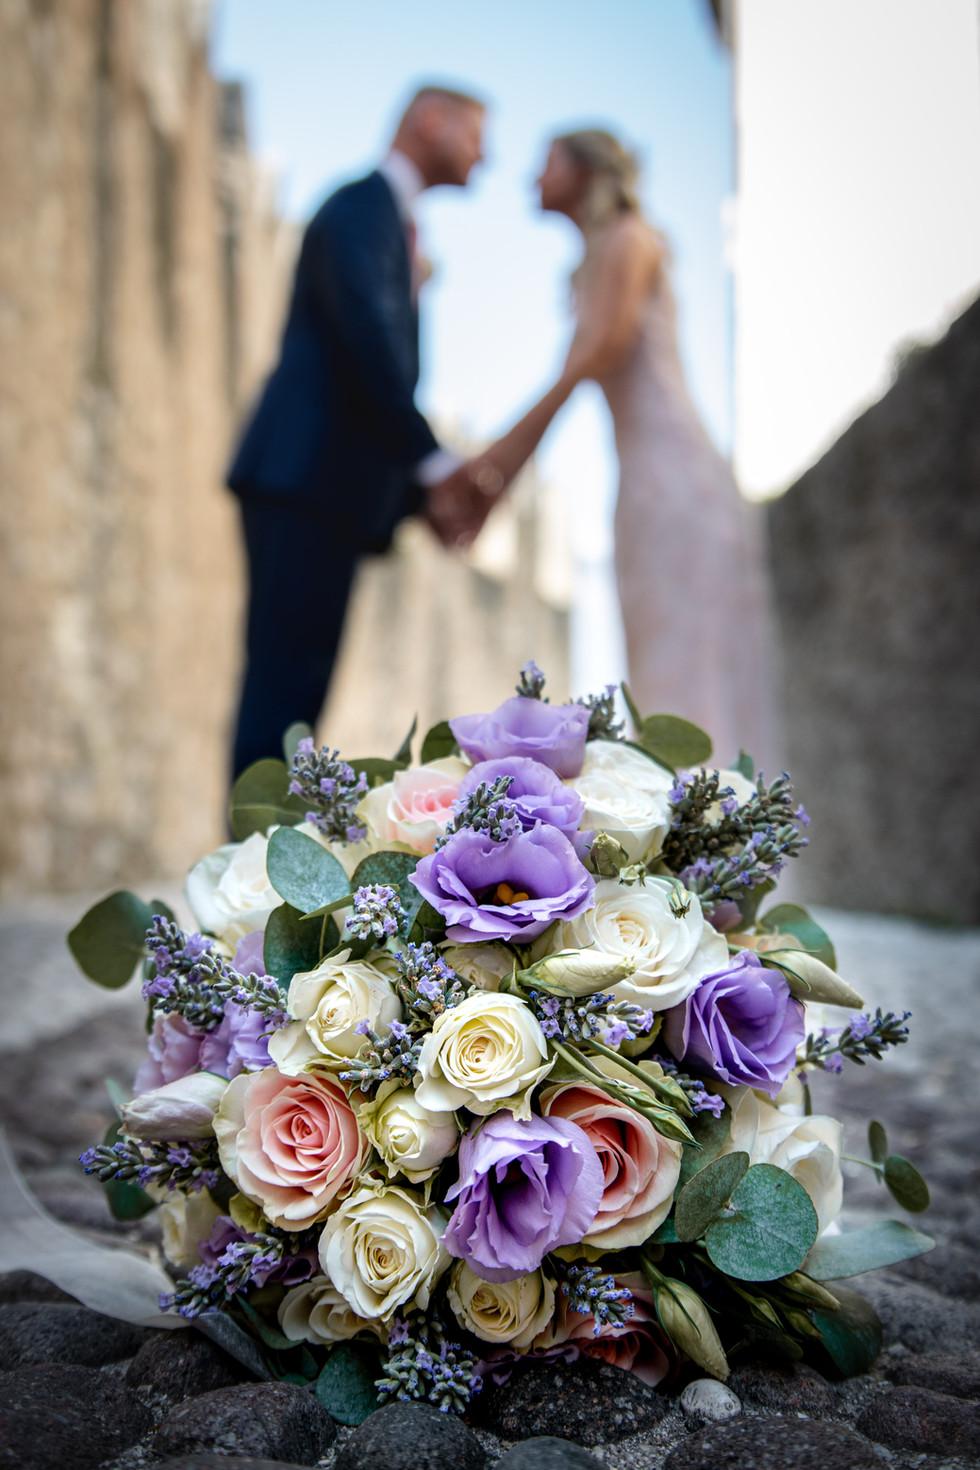 wedding phototrapher in malcesine-3-2.jpg